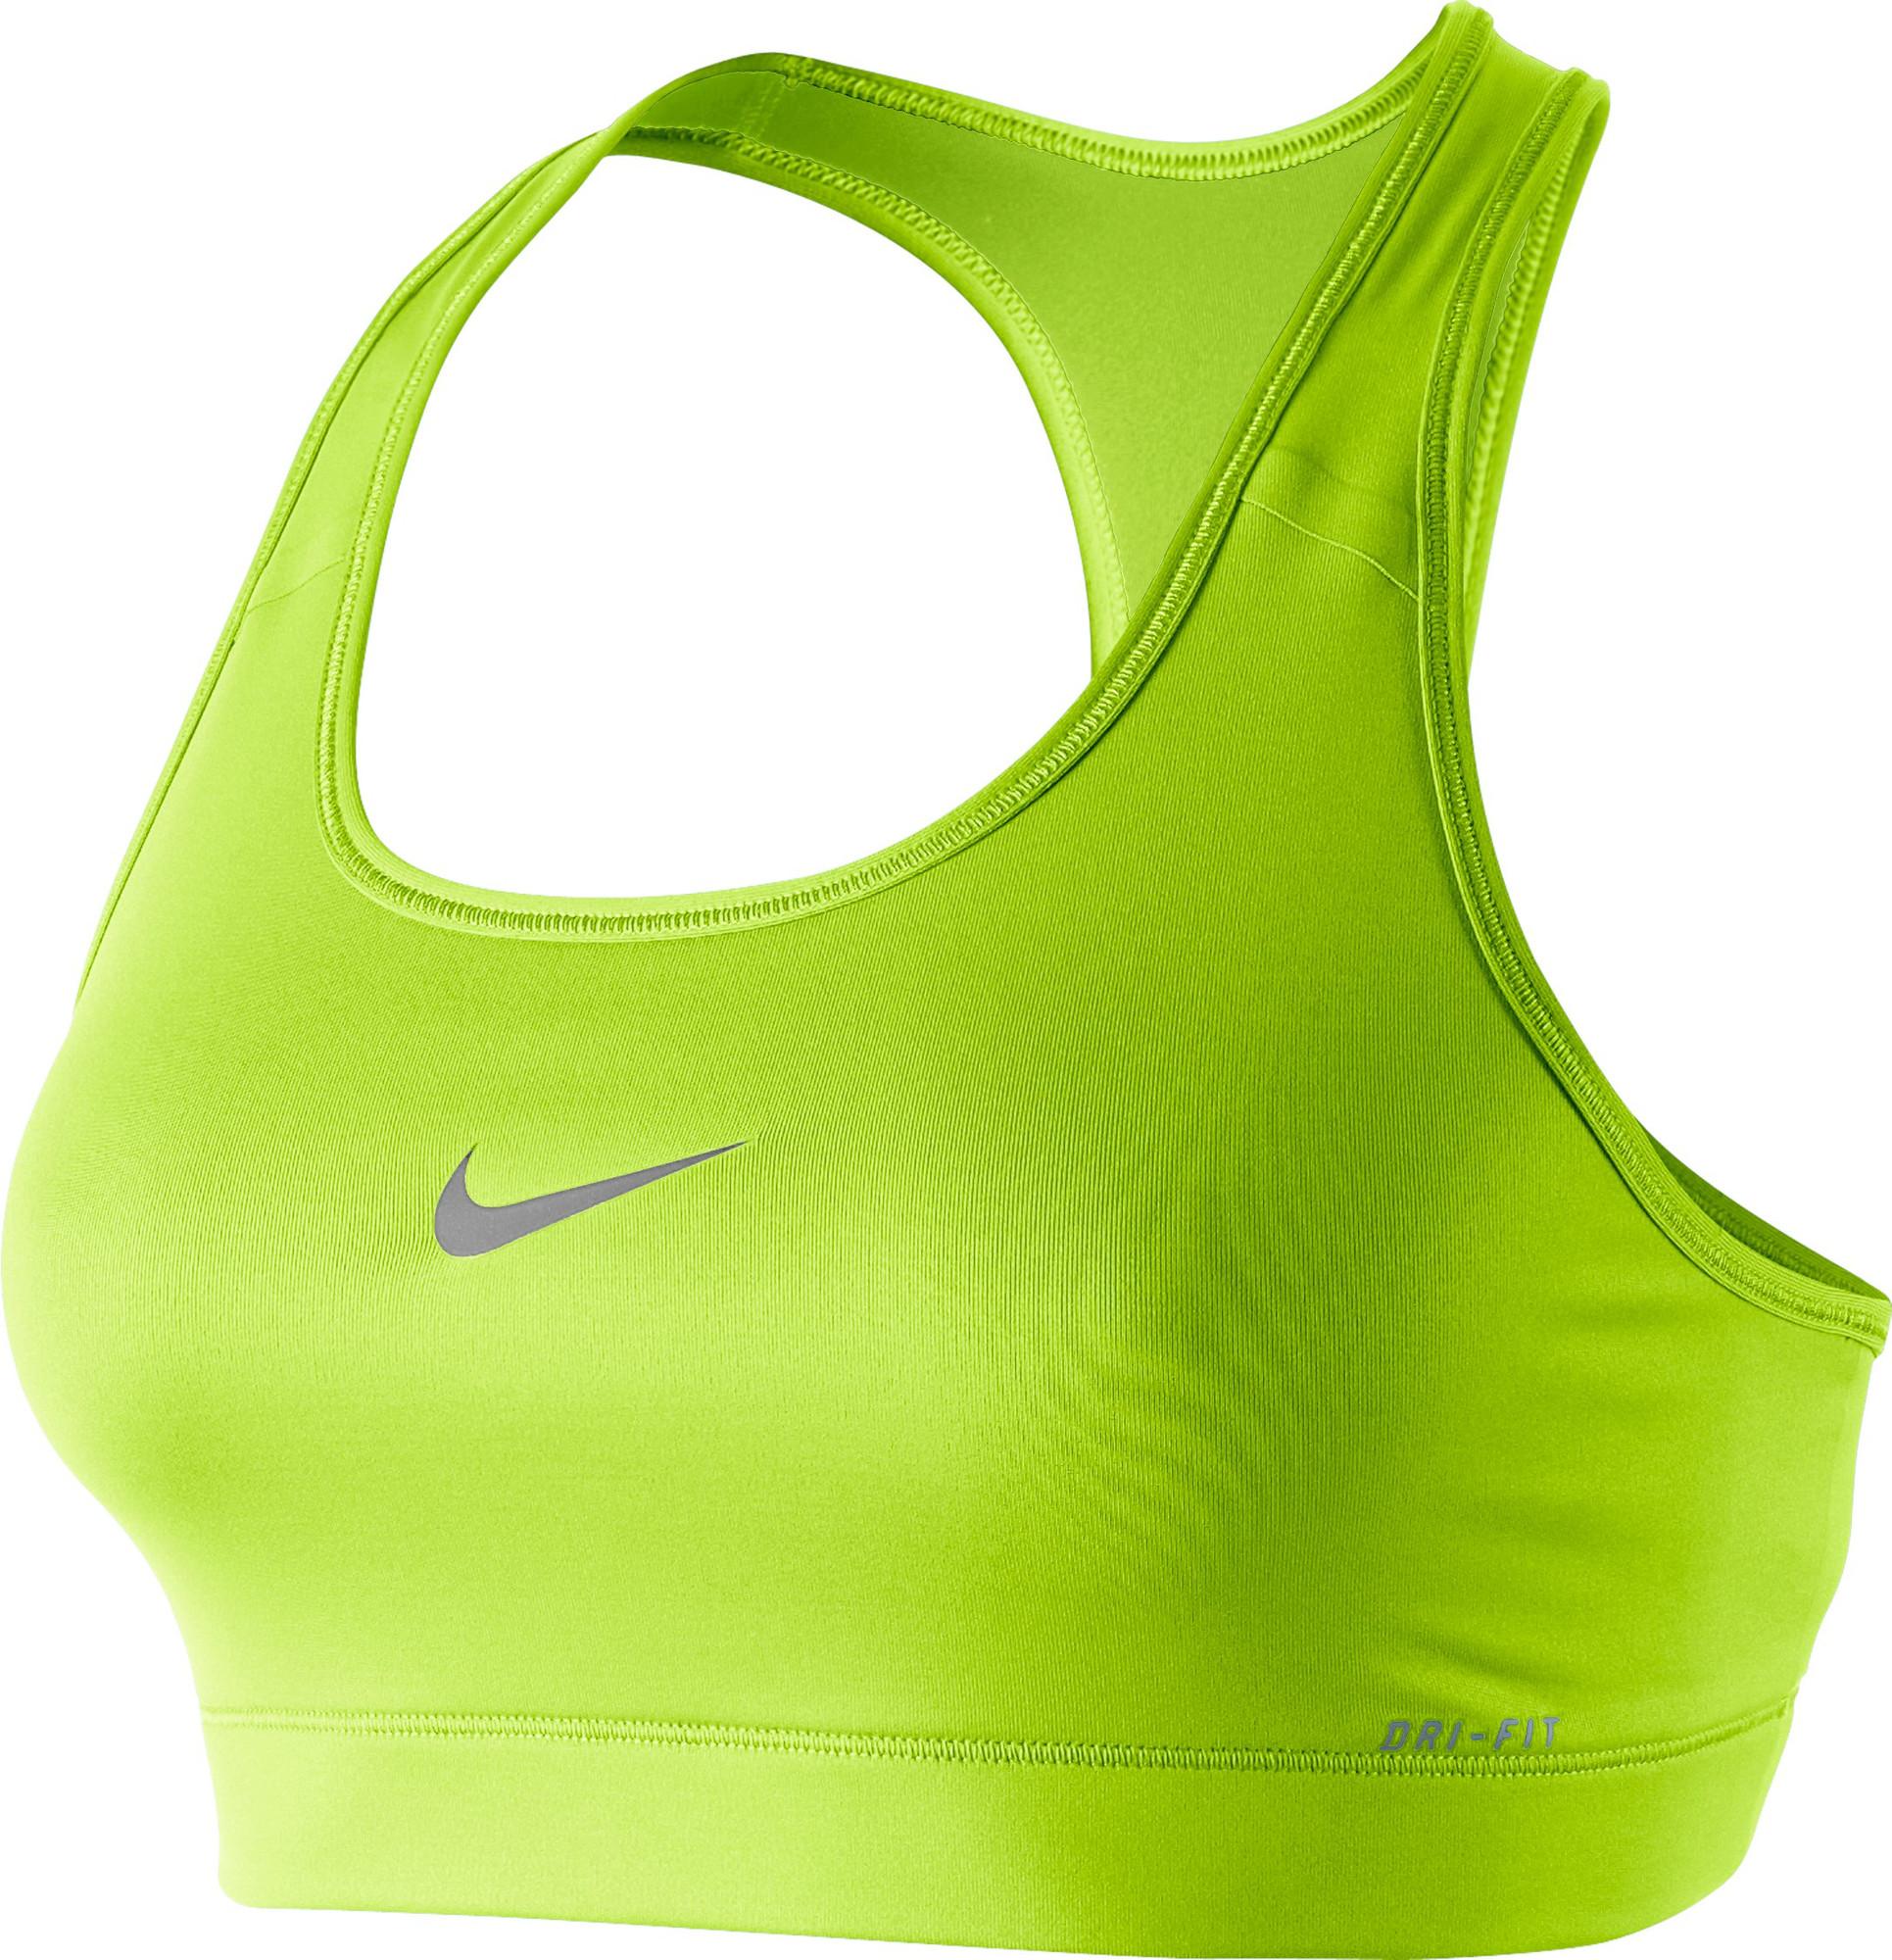 Nike Pro Victory Compression Sports Bra Giallo Donna 1